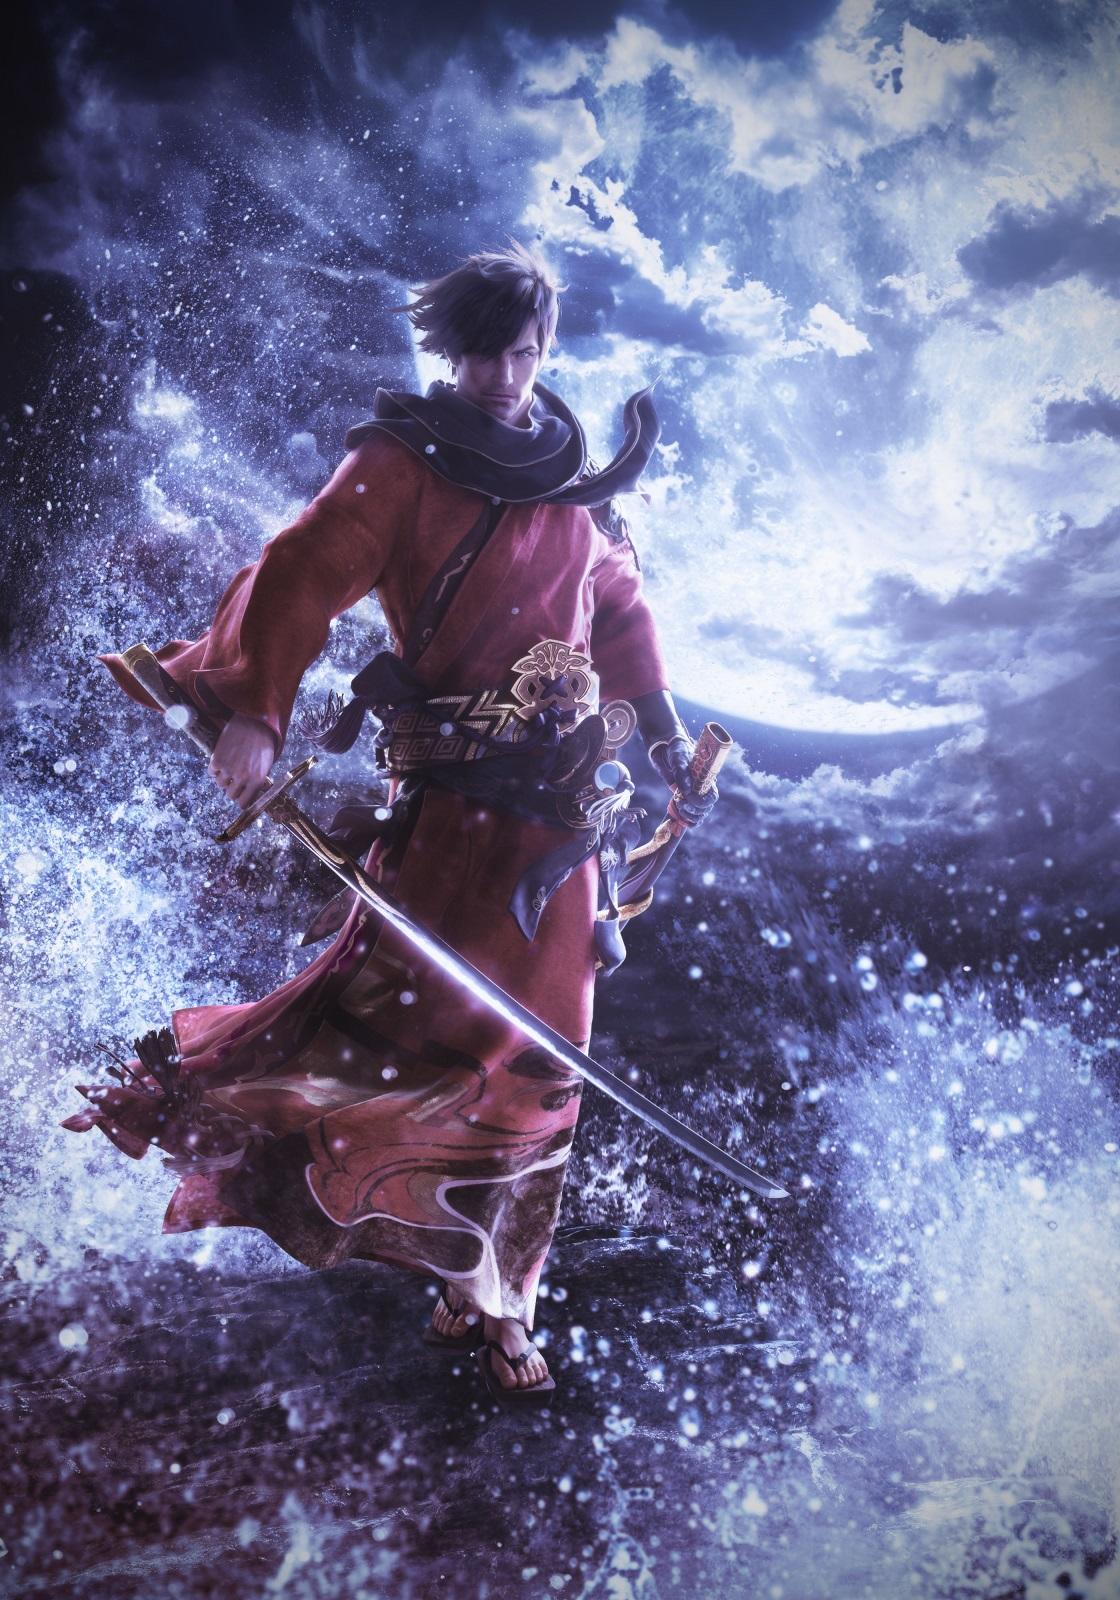 Final Fantasy XIV comparte nuevo contenido con el parche 4.06 y alcanza 10 millones de jugadores